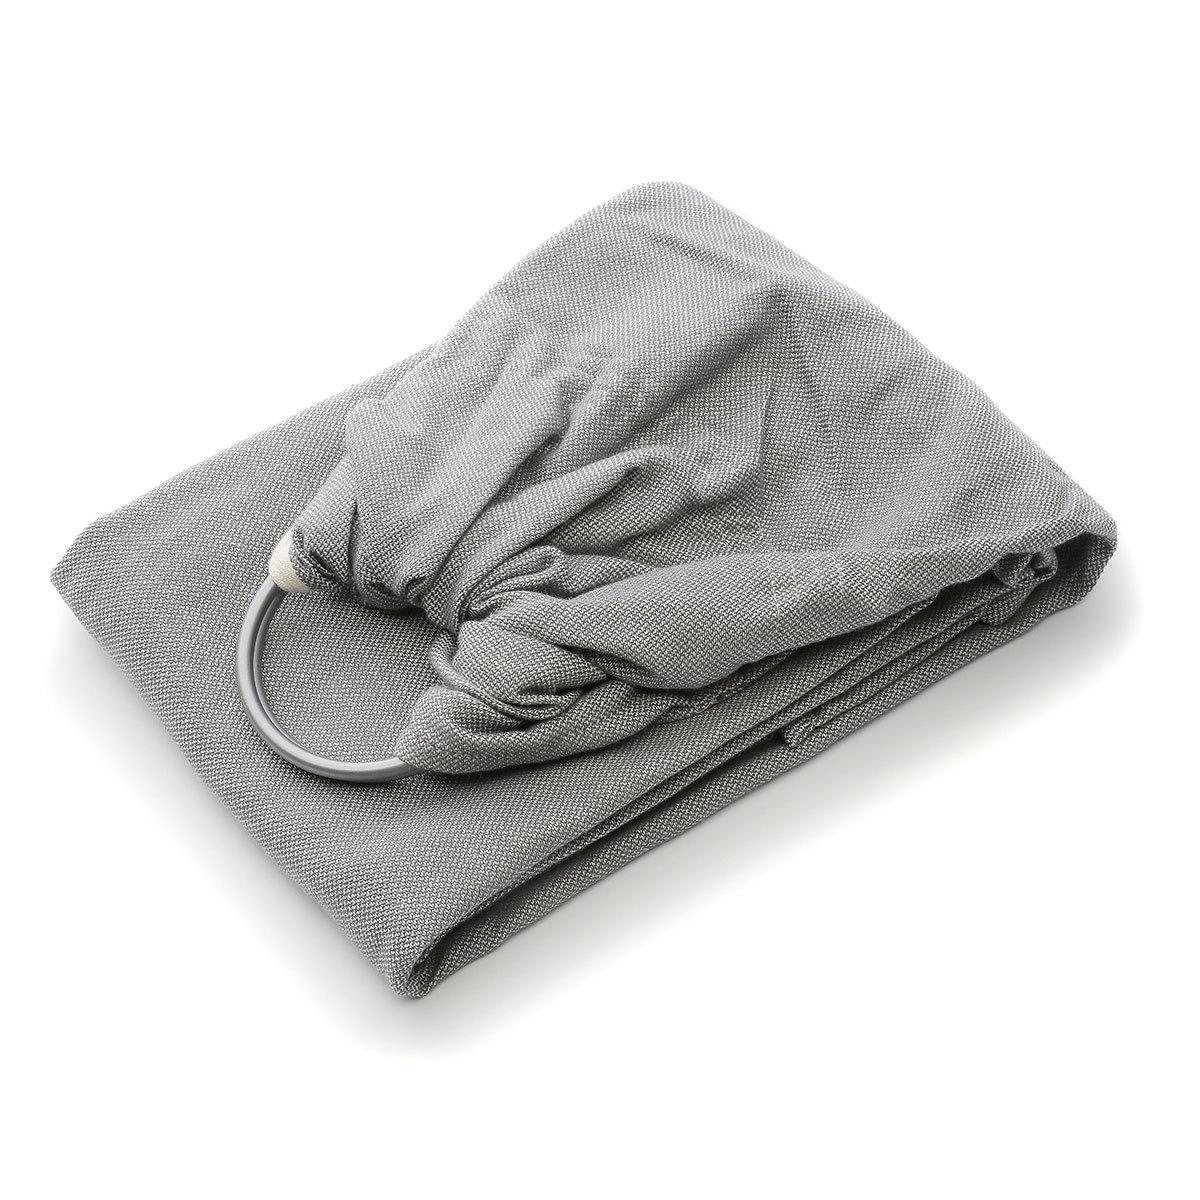 a6adaca00bbe Neobulle Echarpe Sling Vintage Coton Bio - Gris - Porte bébé ...